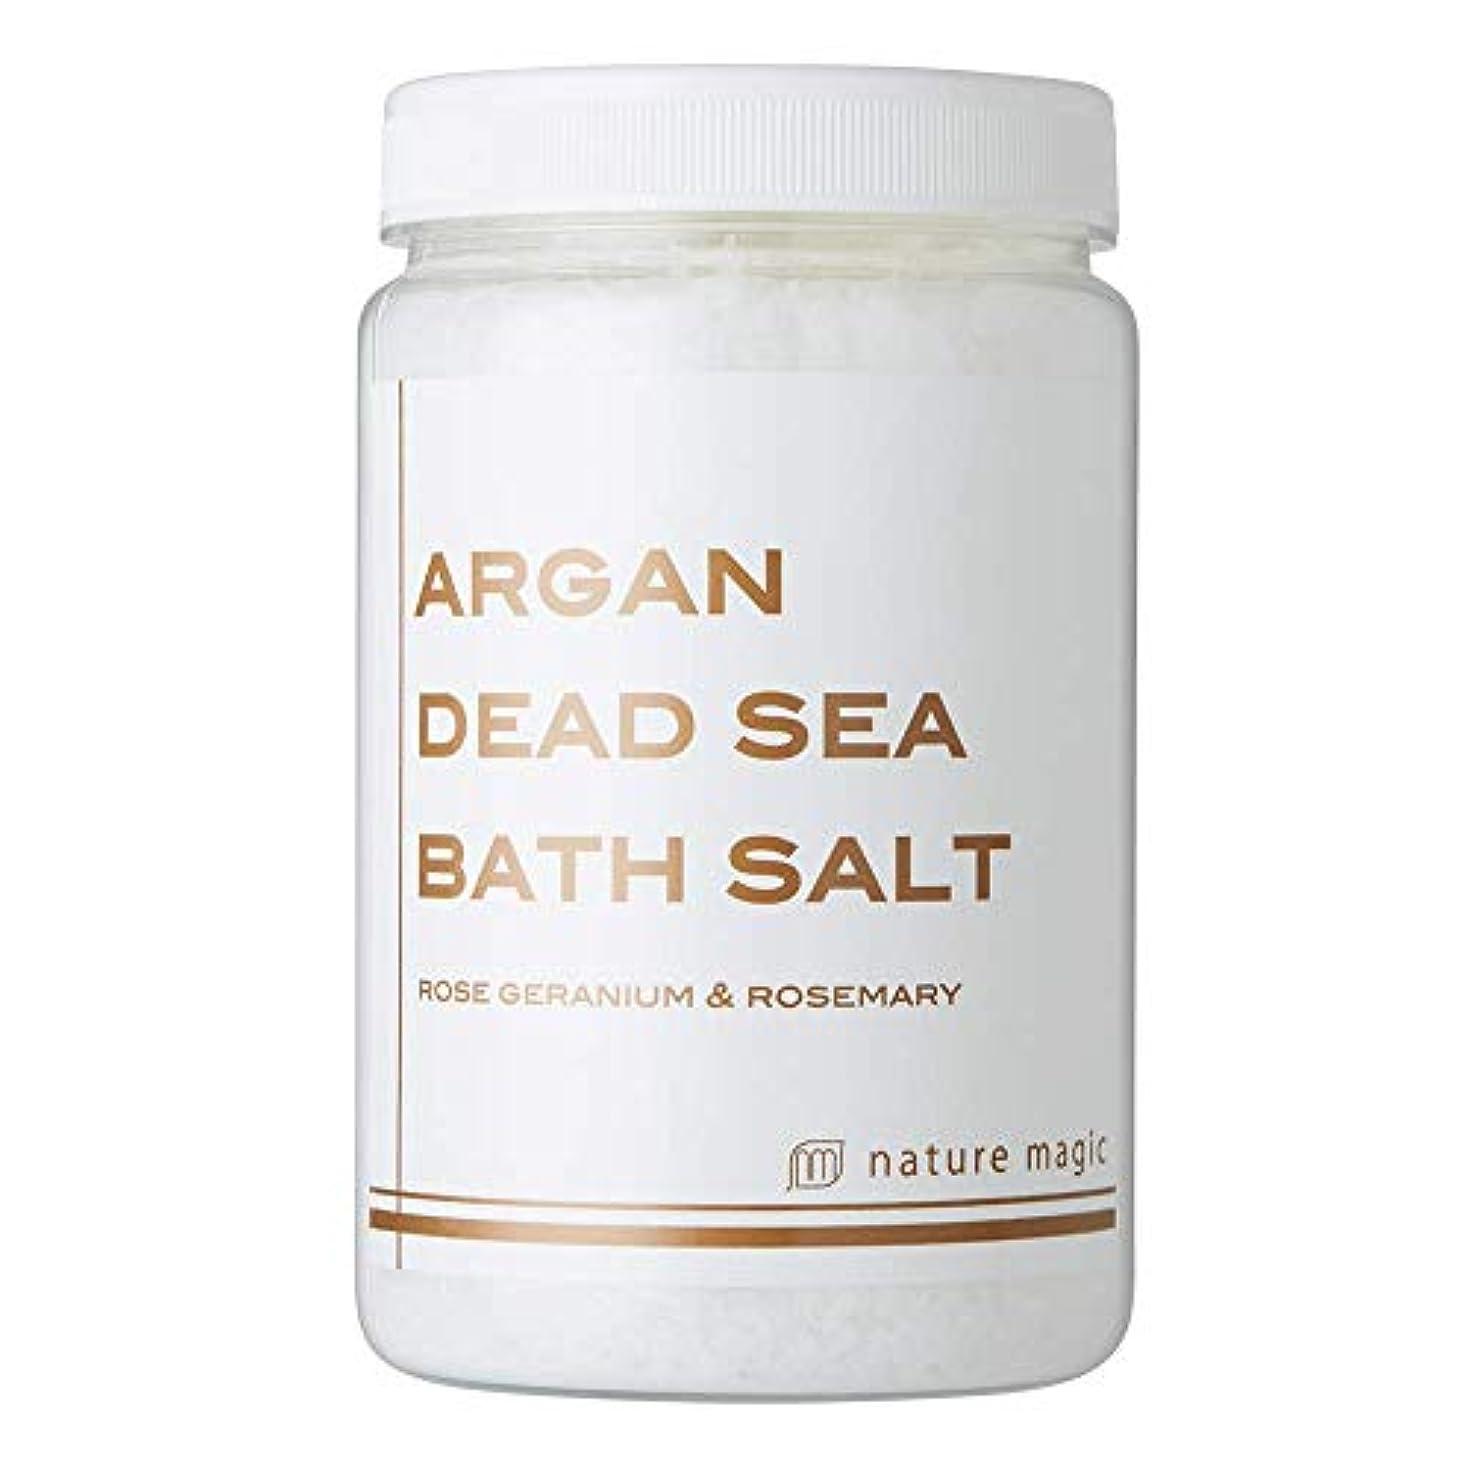 不安定視力有名【死海の天然塩にアルガンオイルを配合した全身ポカポカ、お肌つるつる入浴剤】アルガンデッドシーバスソルト